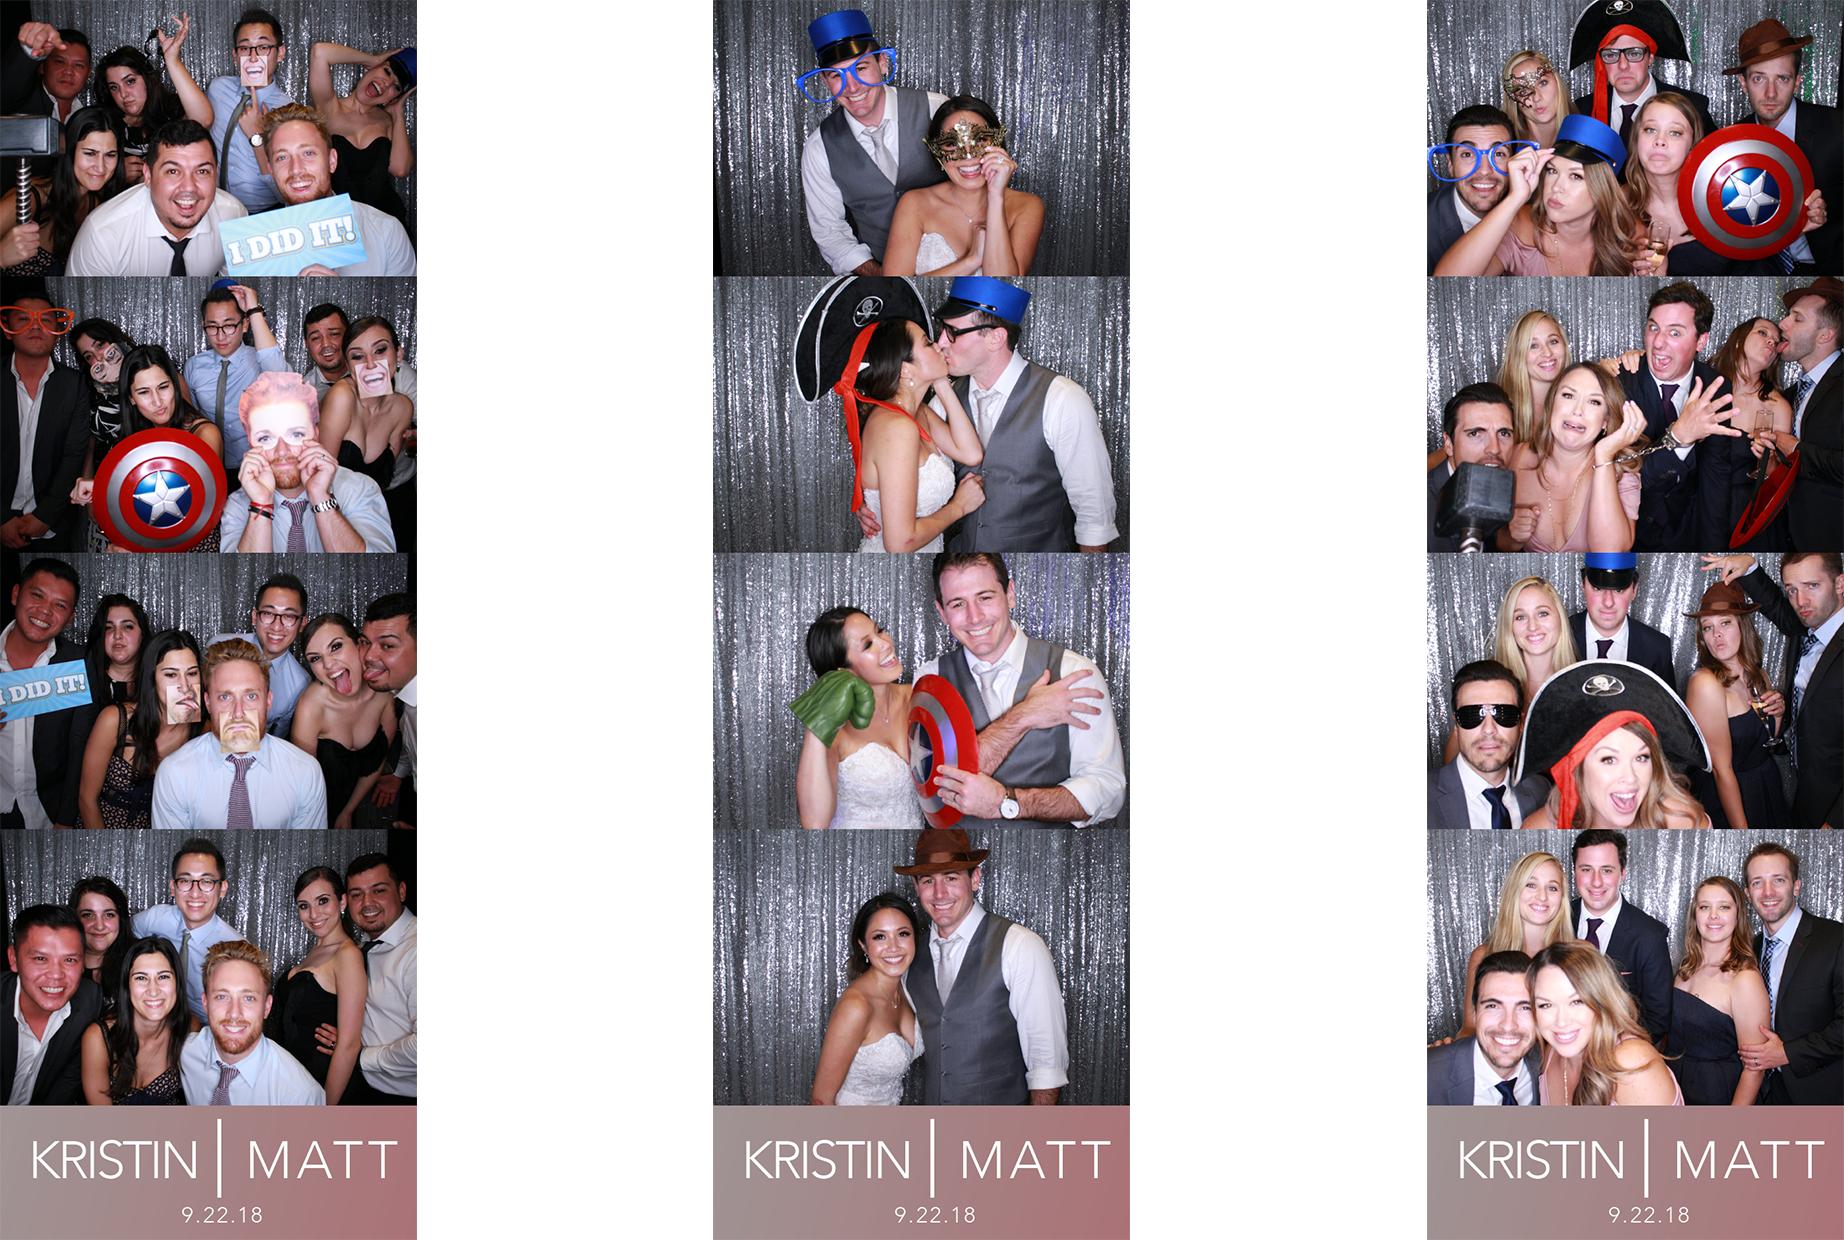 Kristin & Matt 9.22.18